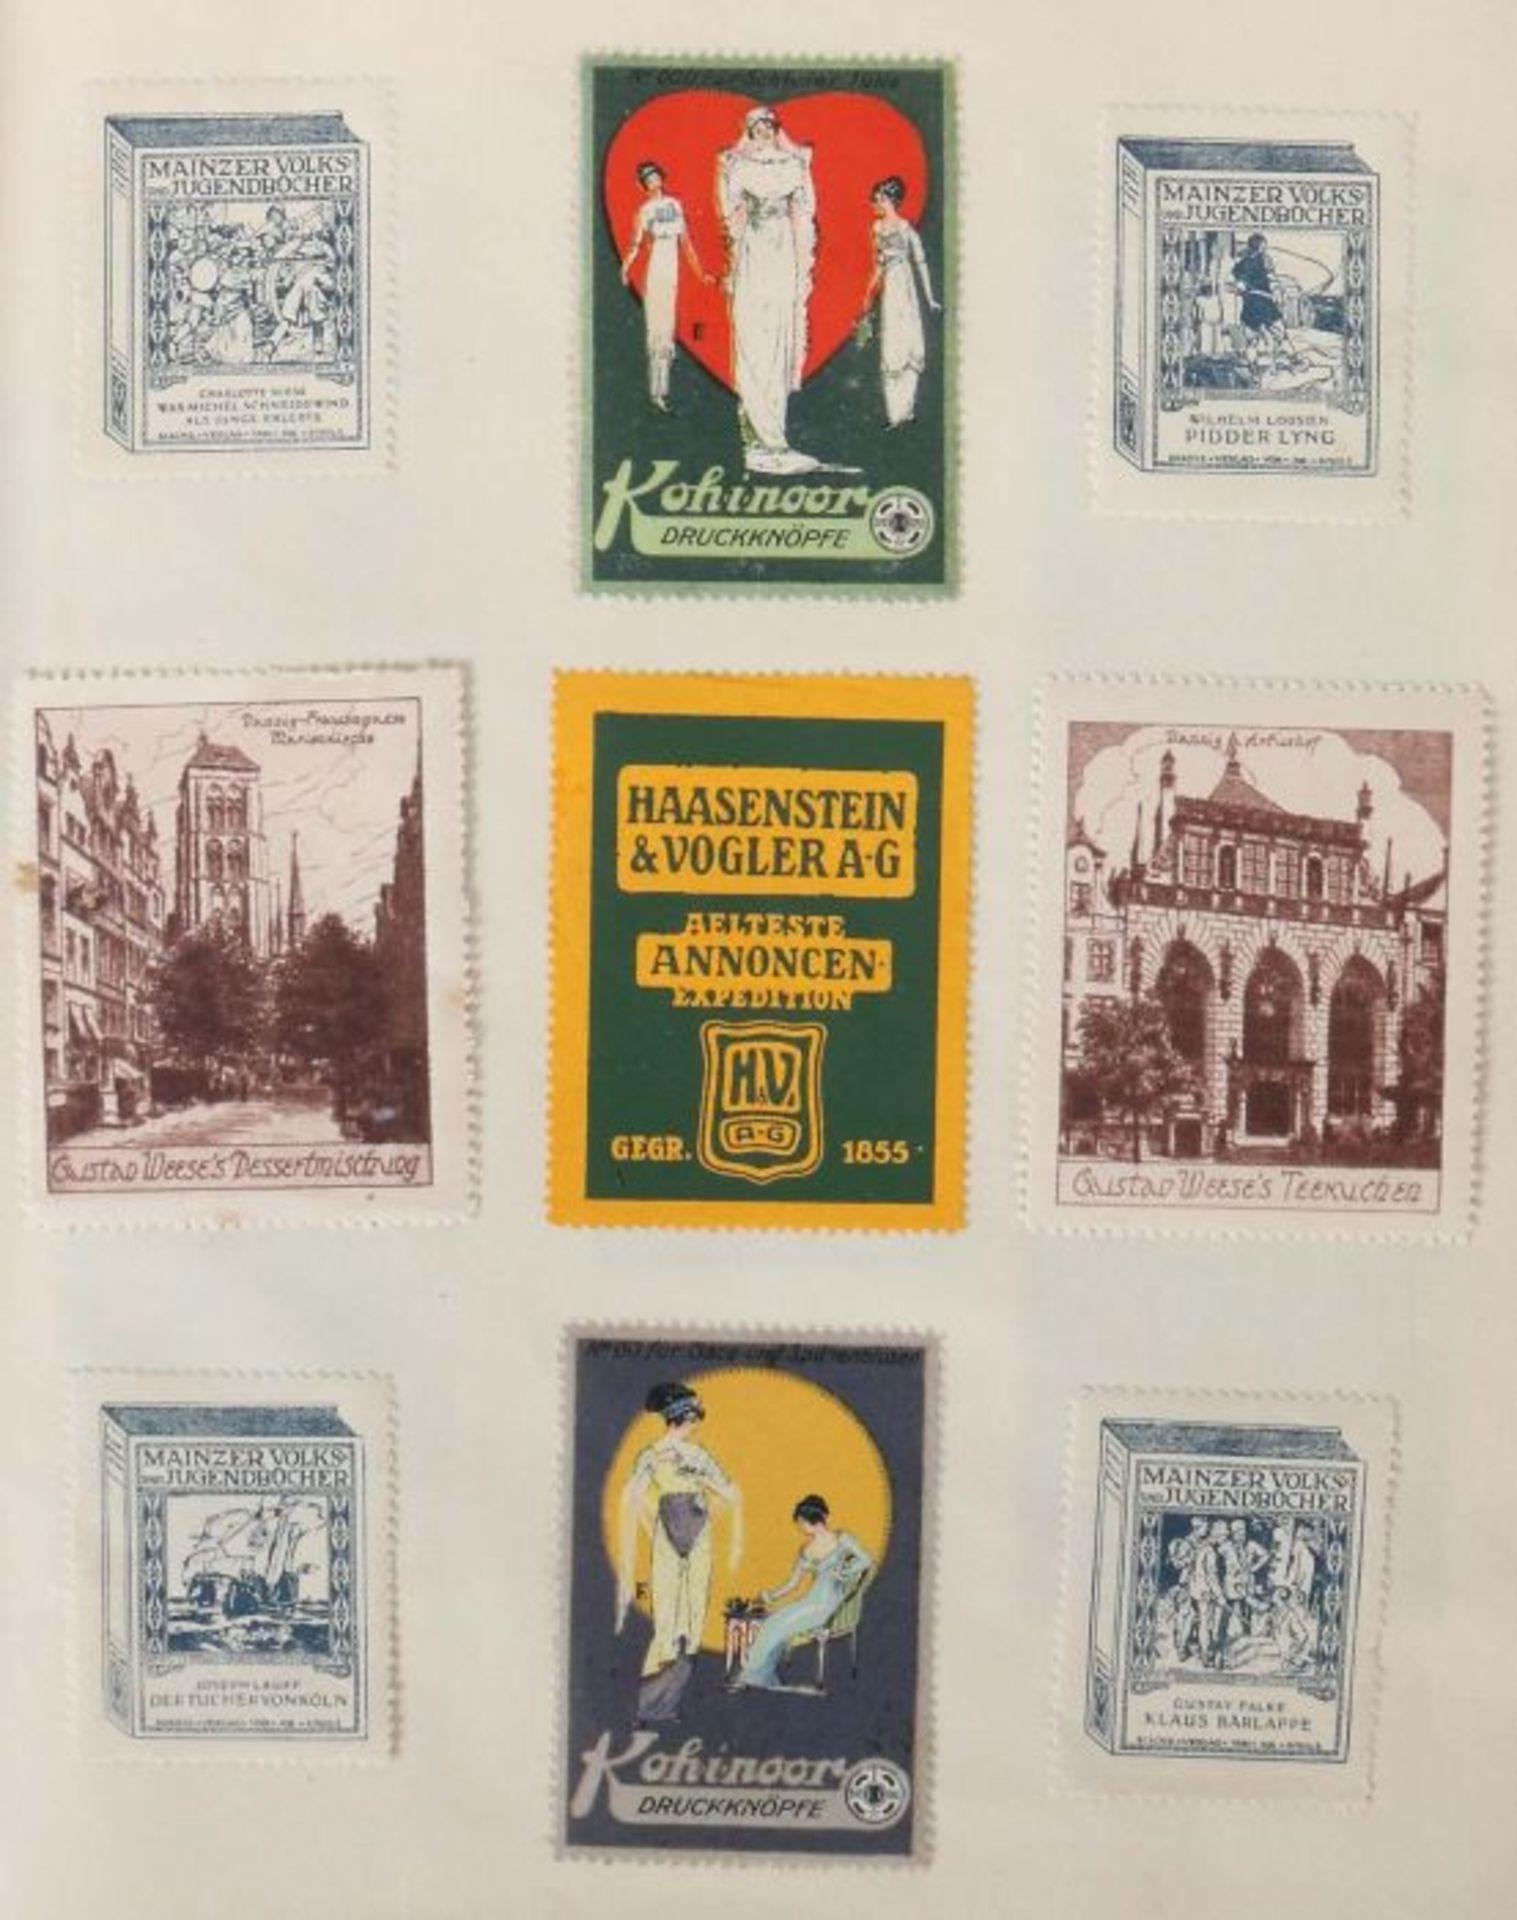 3 Werbevignetten-Alben Alben mit ca. 700 Werbevignetten, u.a. Graetzin, Odol, Weck, Matagon, - Bild 4 aus 6